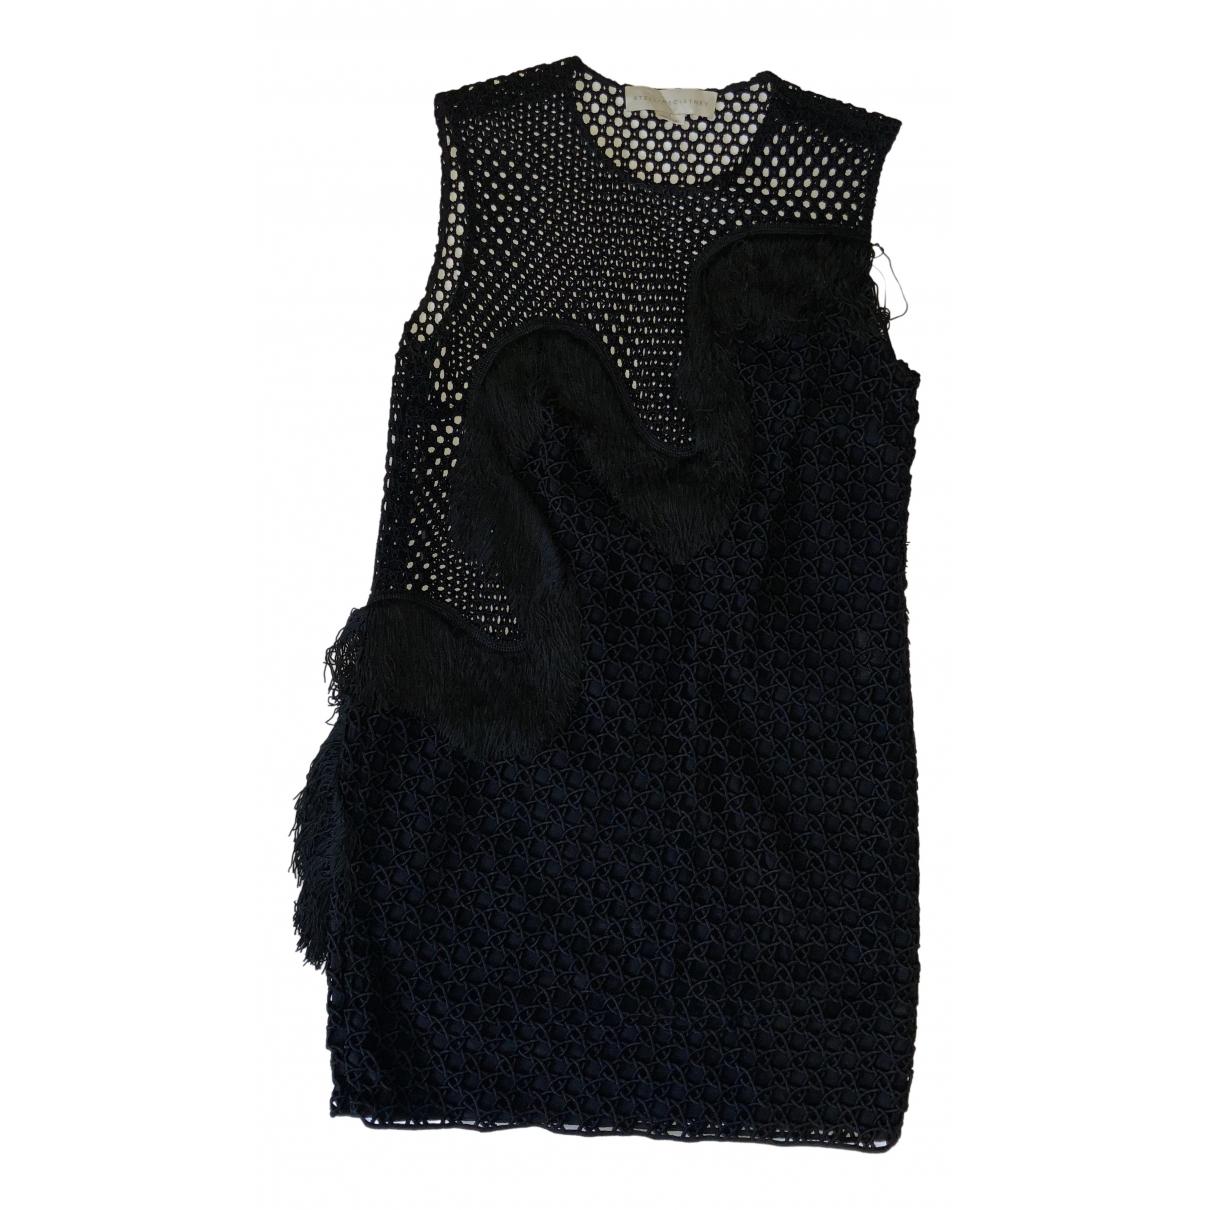 Stella Mccartney N Black dress for Women 38 IT